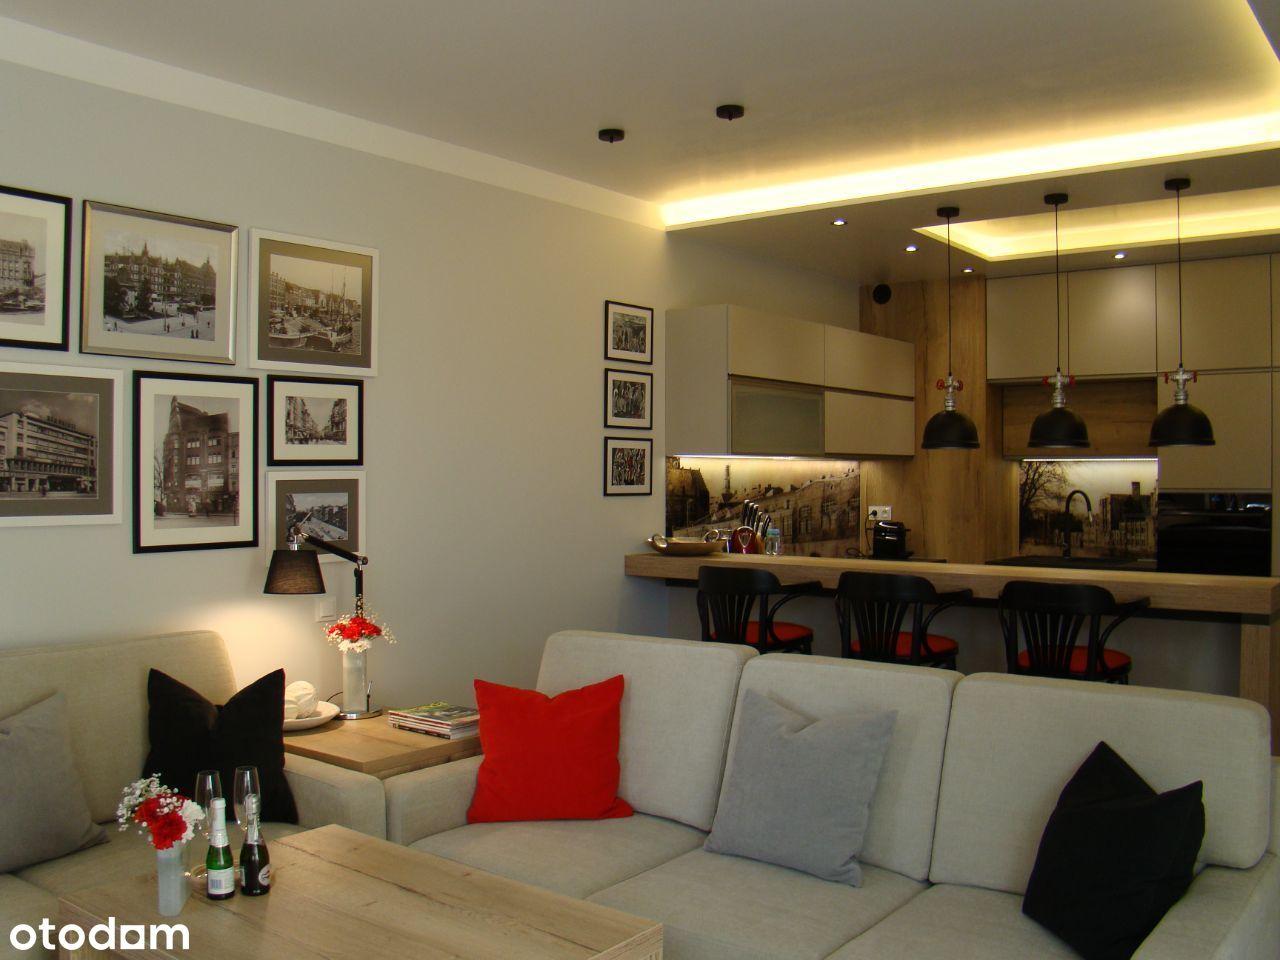 Apartament w centrum 50 m2 - w spokojnej okolicy